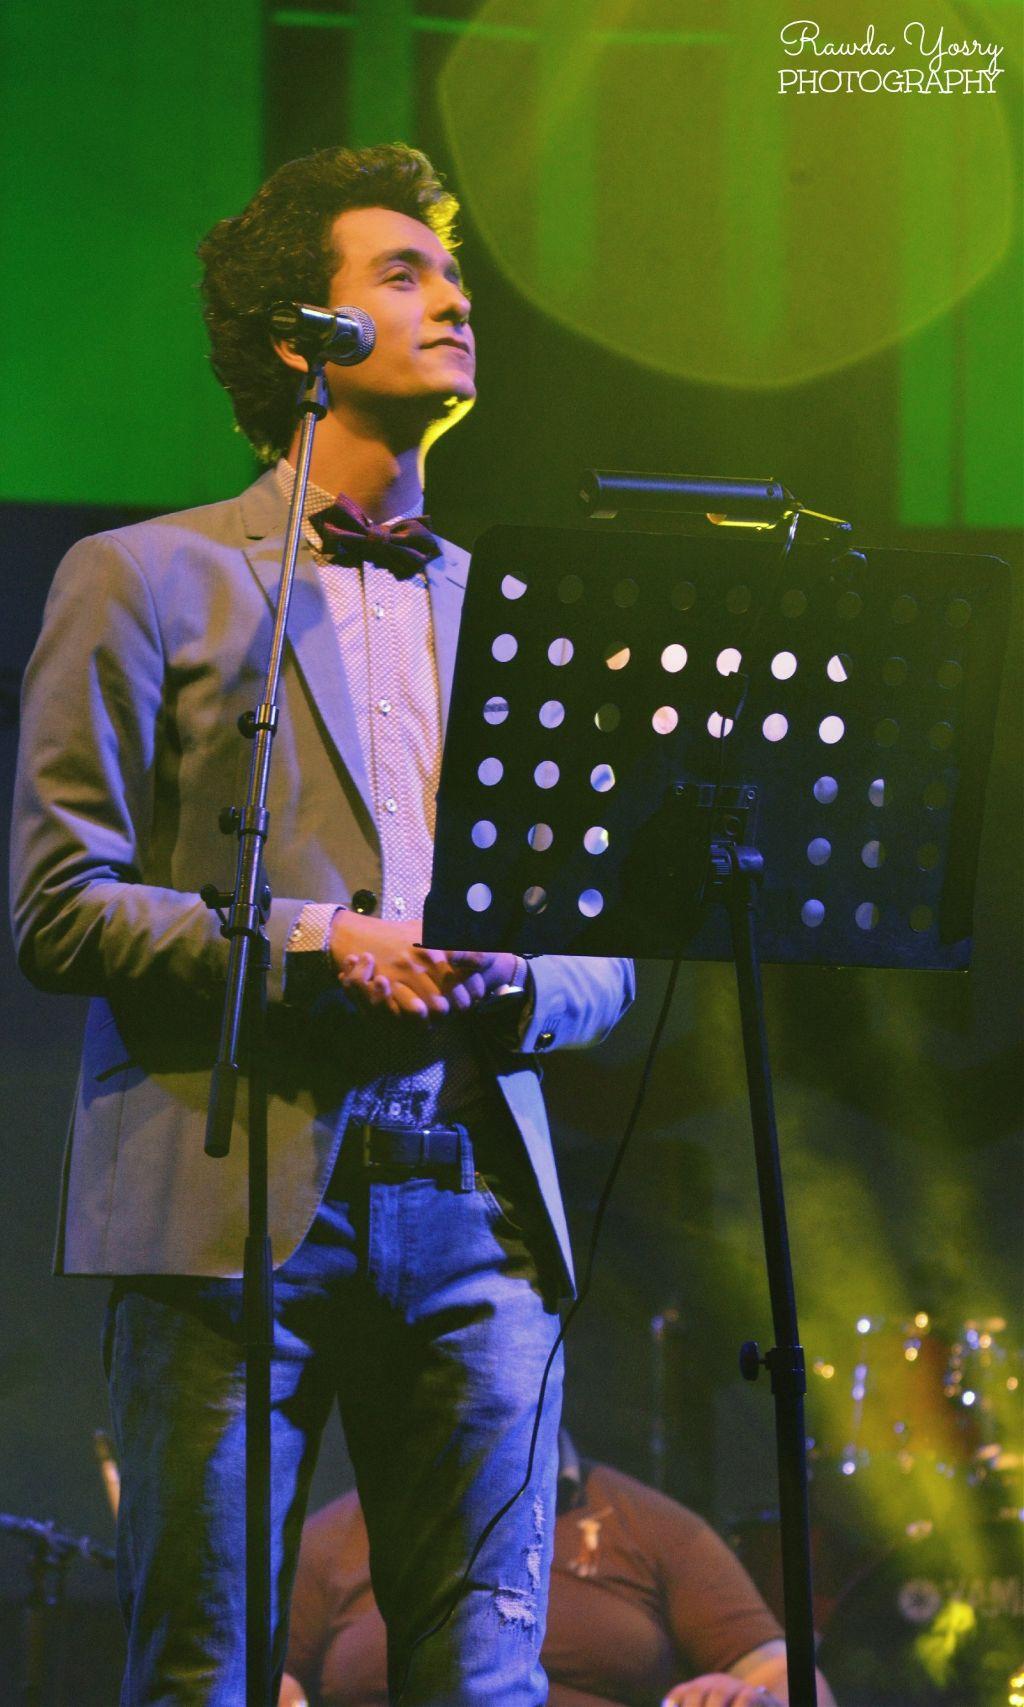 #singer #mohamedmohsen #mazzikafelkheer #catshthemoment #photography #rawdayosryphotography